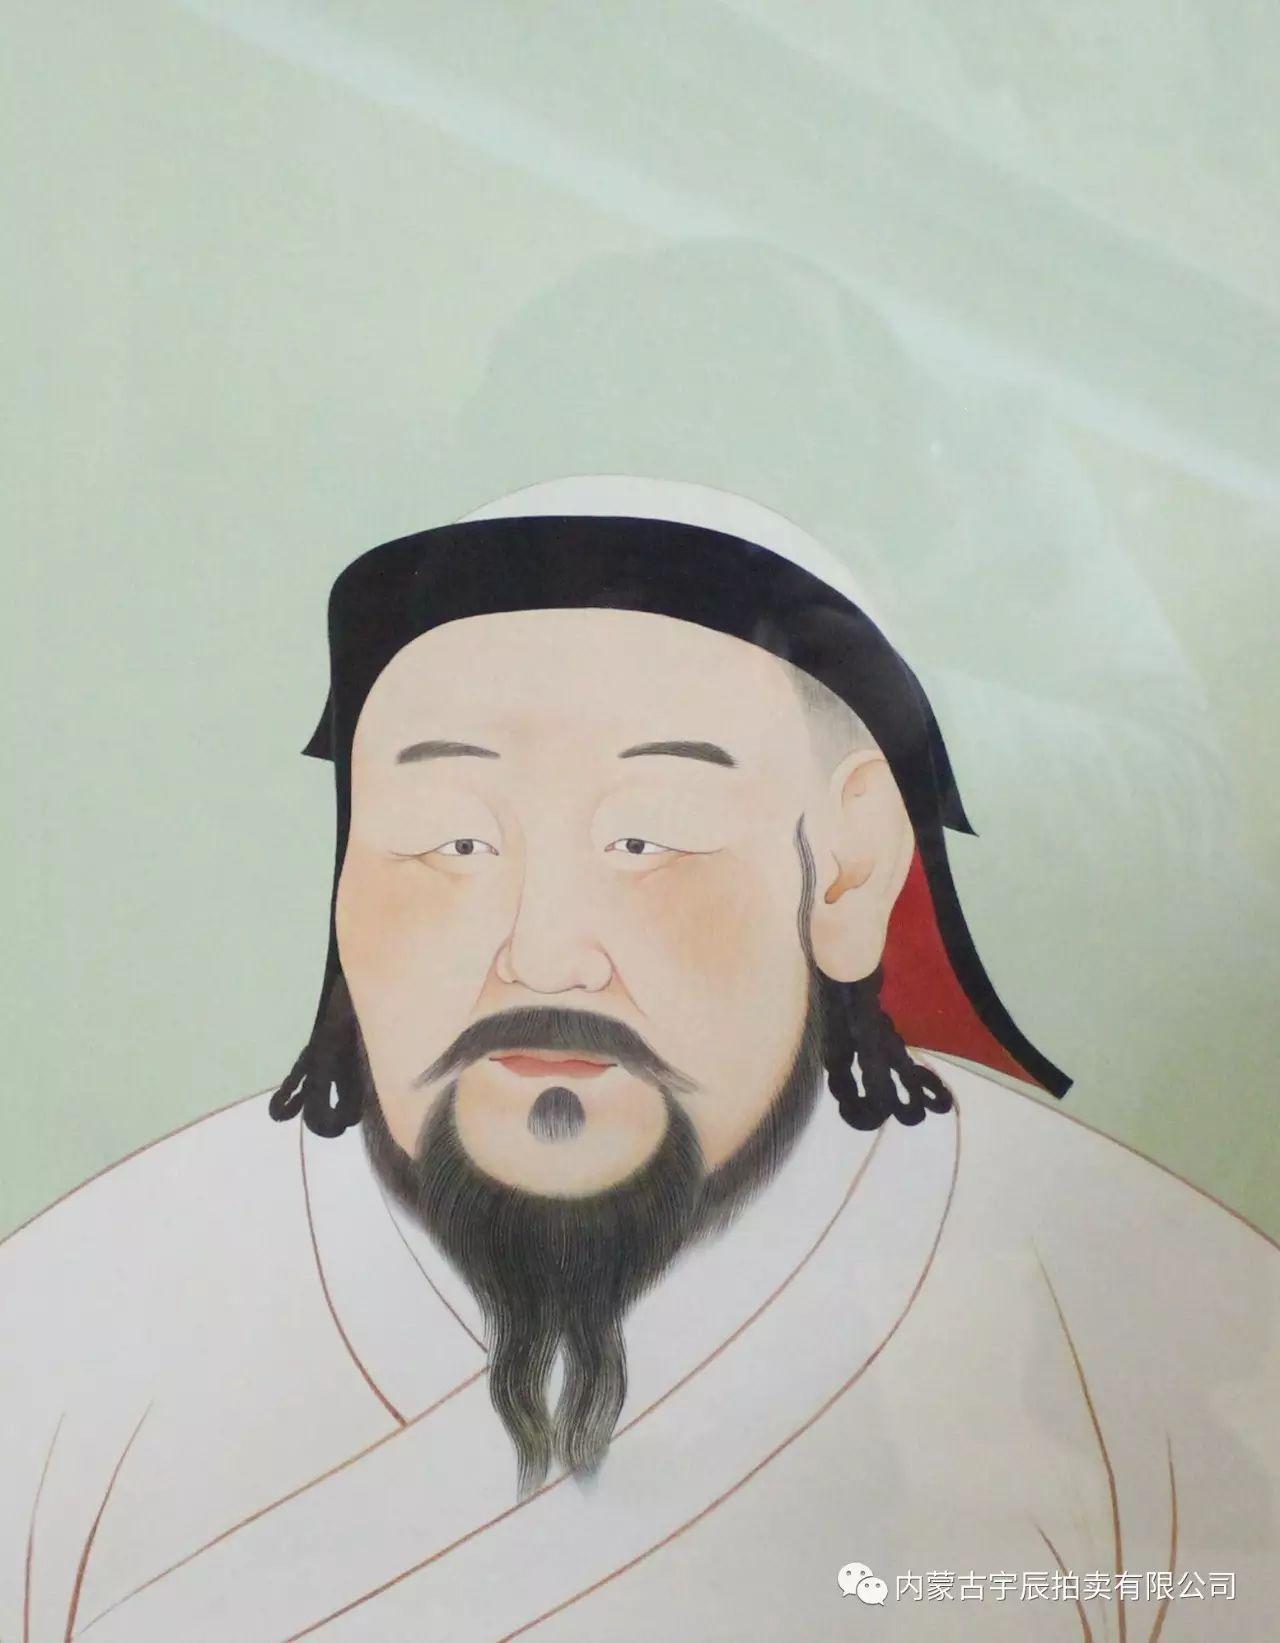 美丽盛开的原野——蒙古国作品赏析(二) 第27张 美丽盛开的原野——蒙古国作品赏析(二) 蒙古画廊